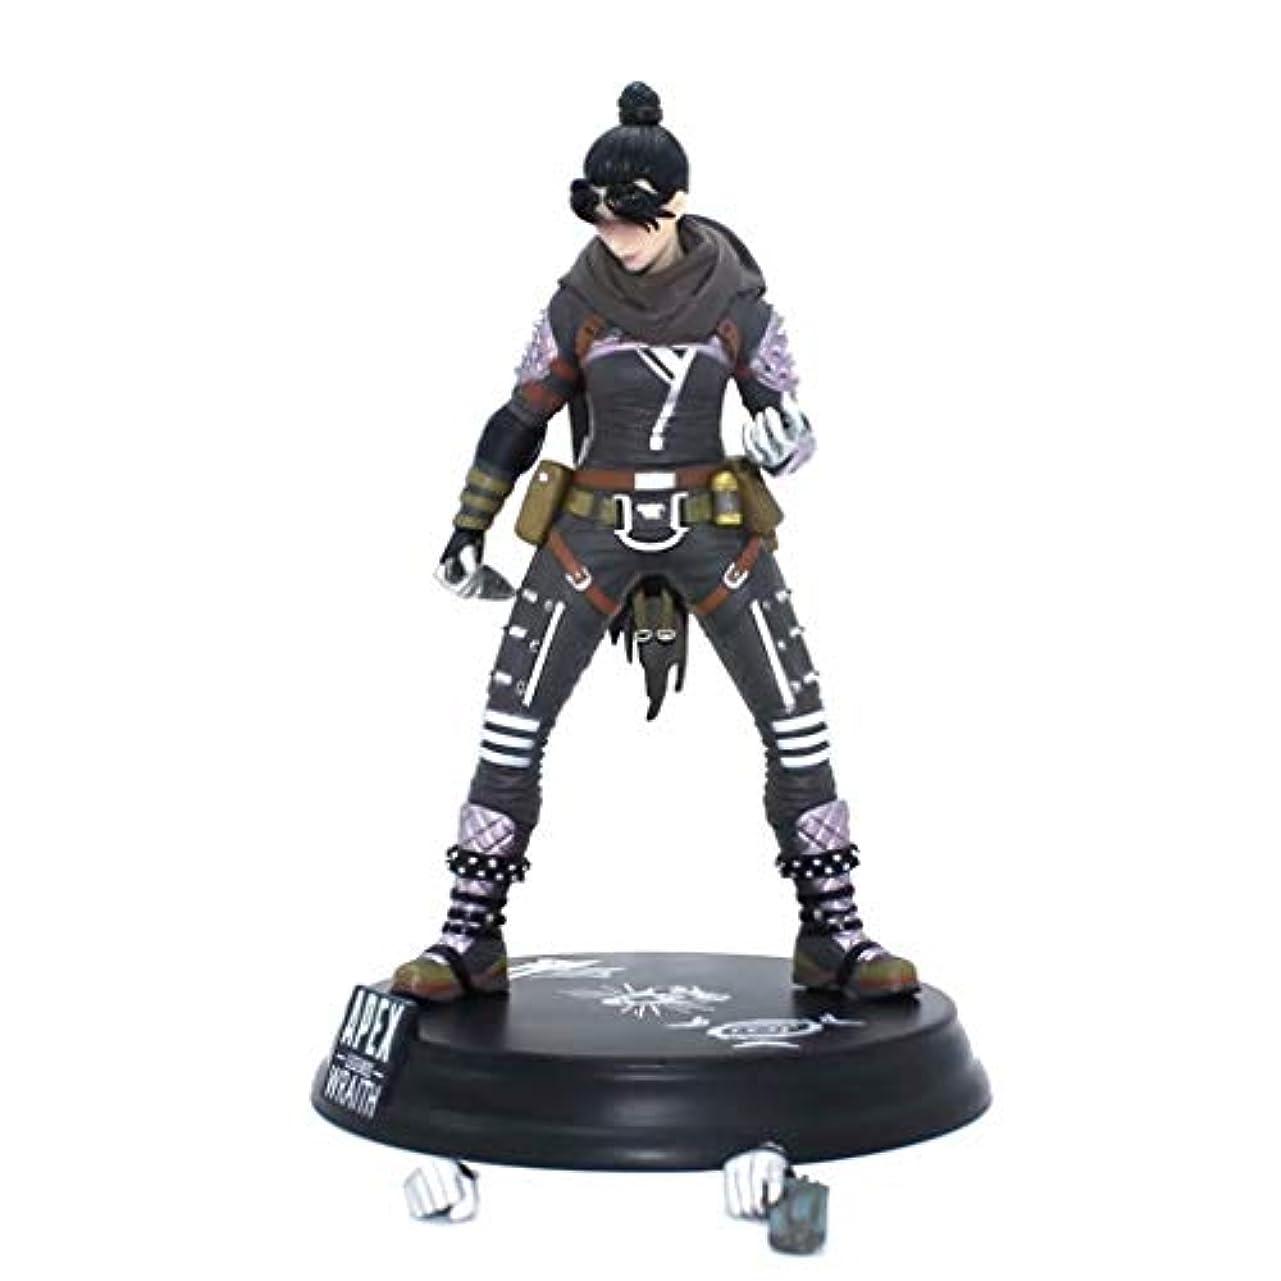 会話南極判読できないゲームモデル、PVC製子供のおもちゃコレクションの像、デスクトップの装飾的なおもちゃ像のおもちゃのモデル、APEXのヒーロー(24cm) SHWSM